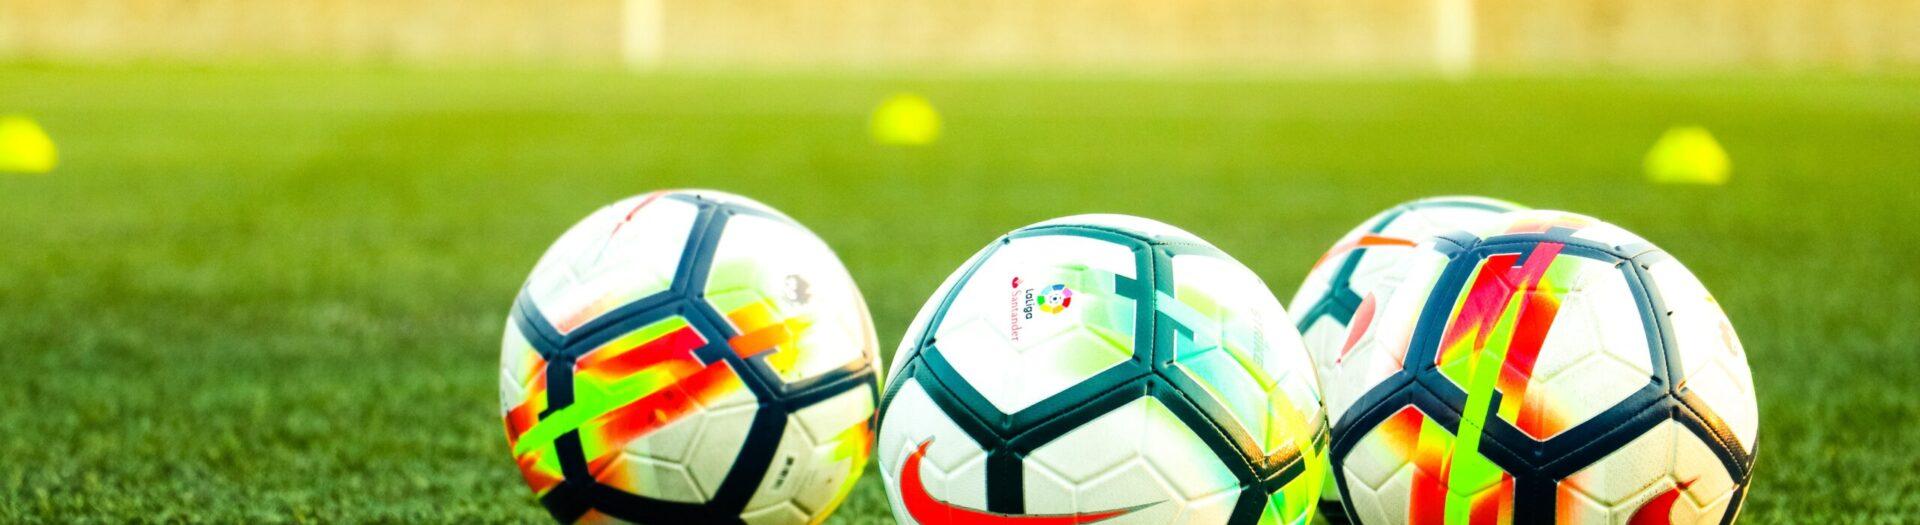 Træningslejr - Fodbold